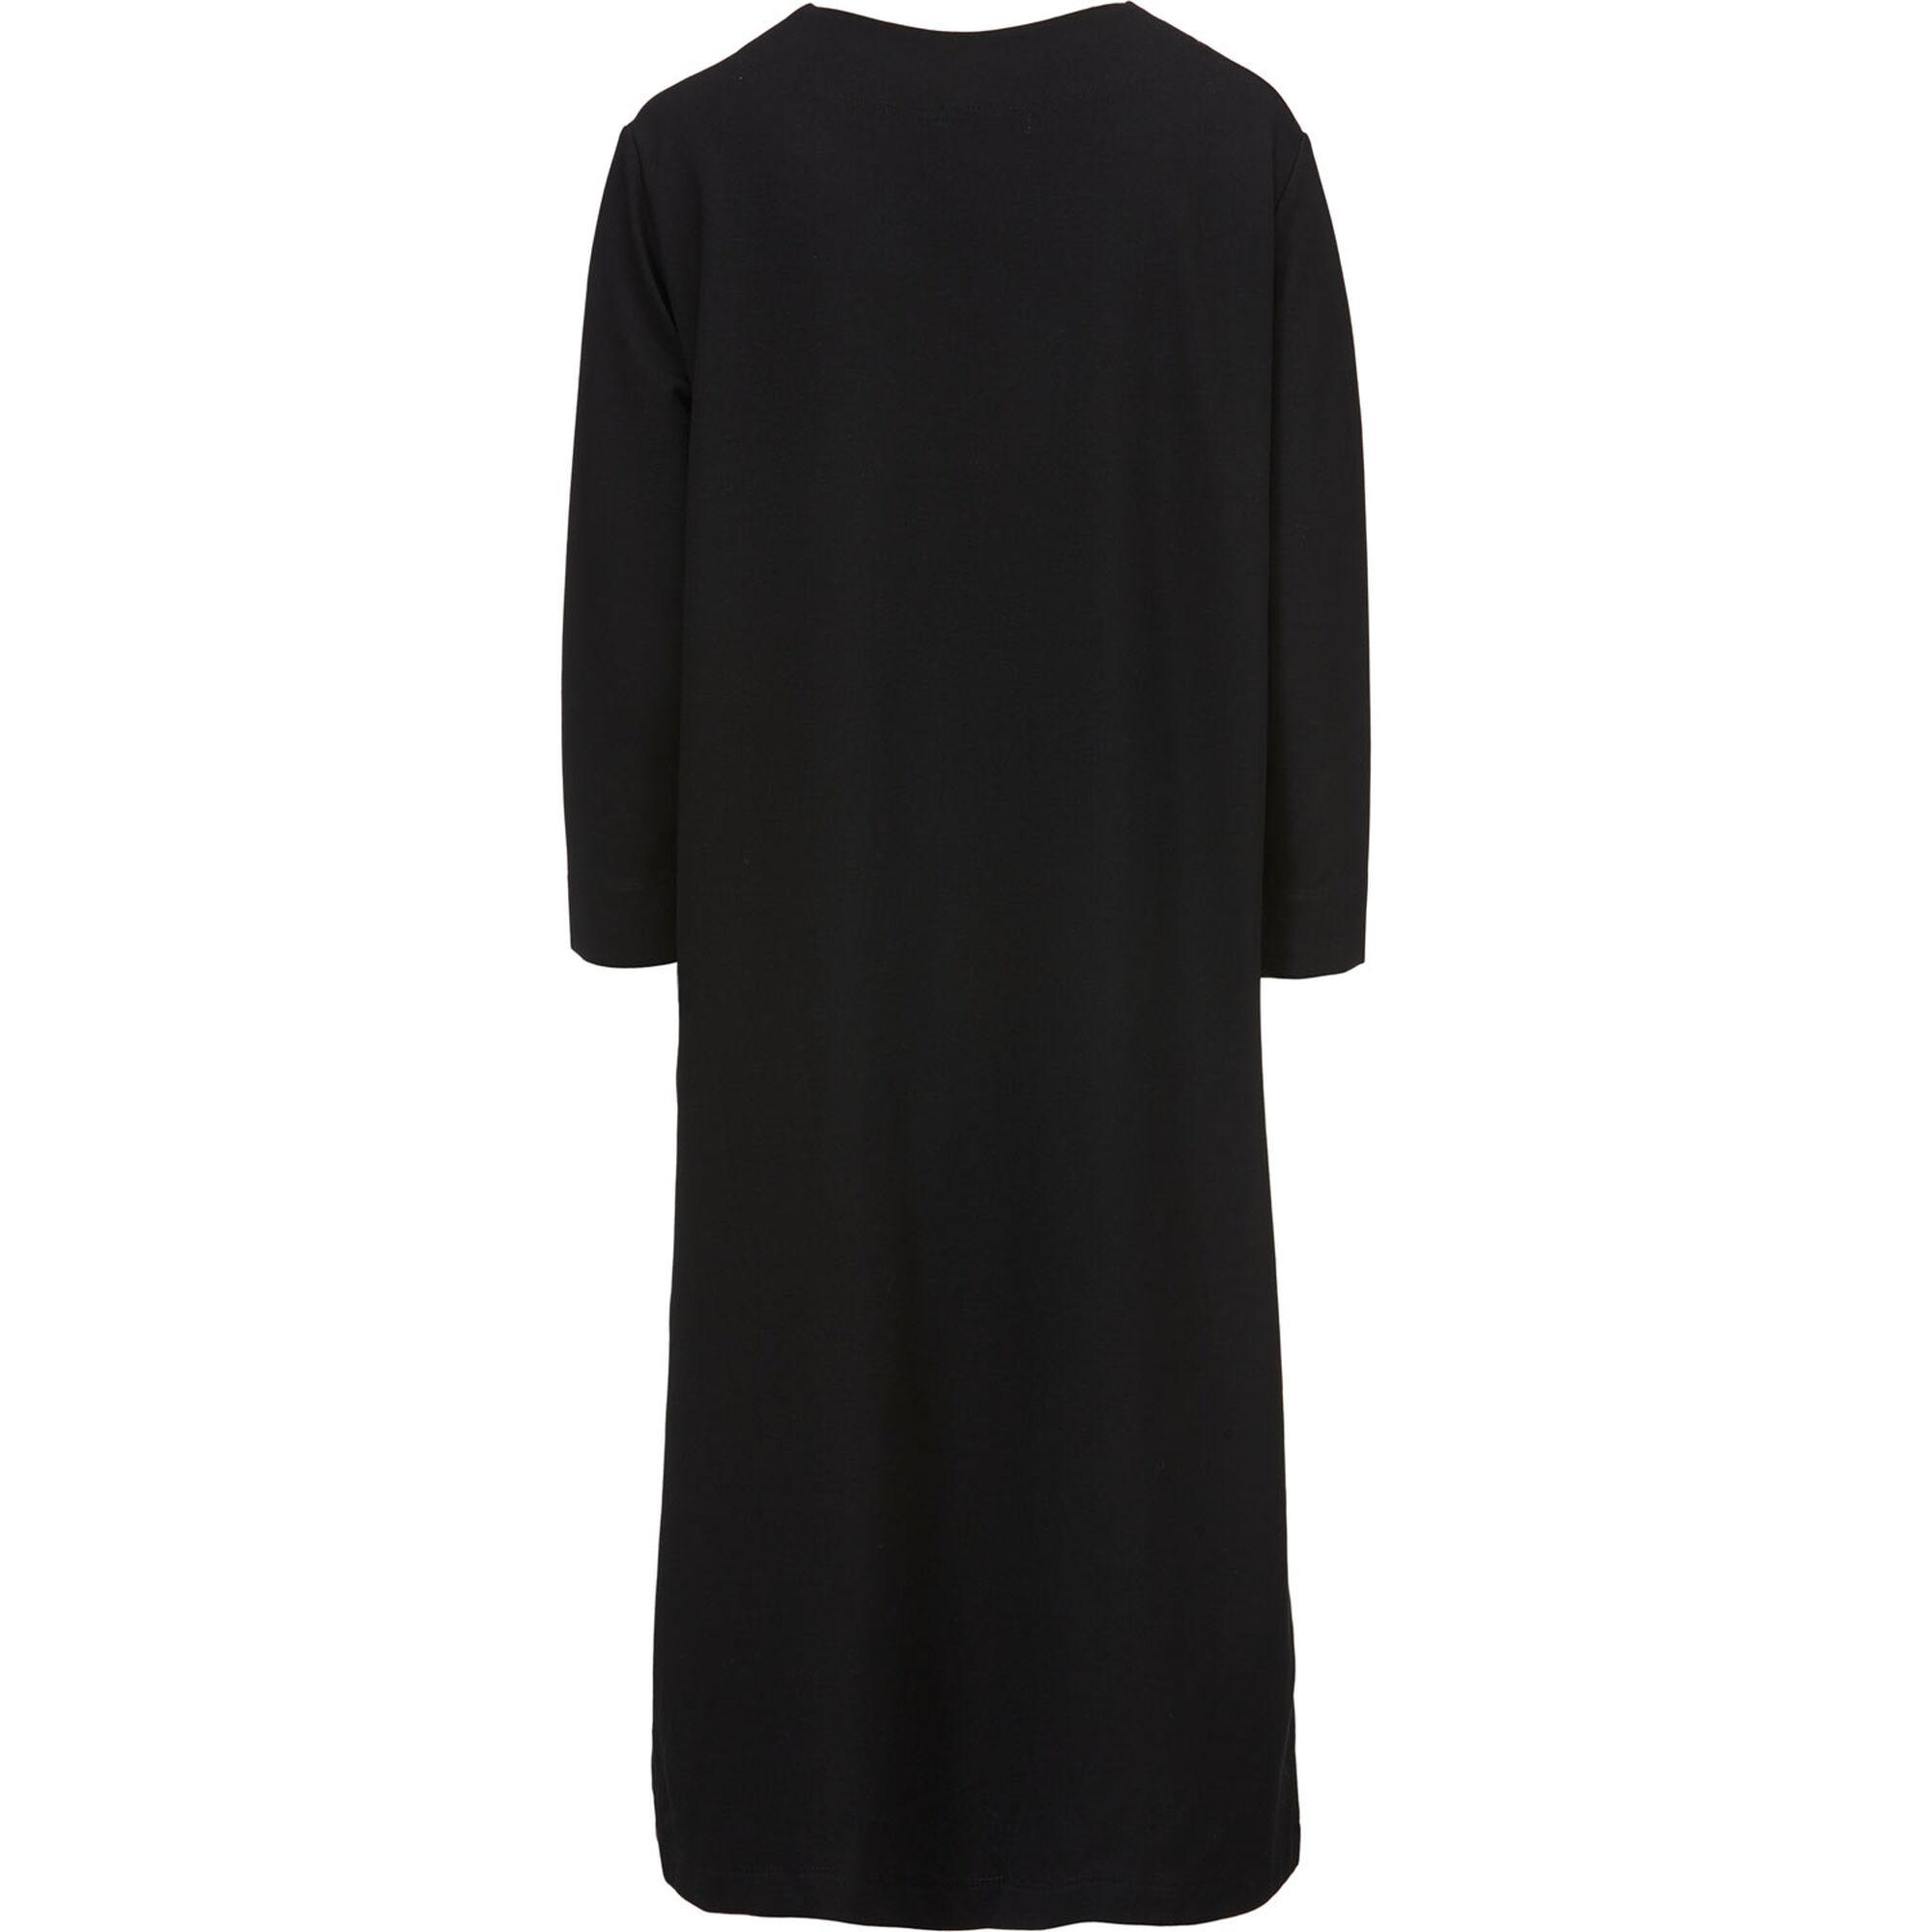 NIKINI DRESS, Black, hi-res